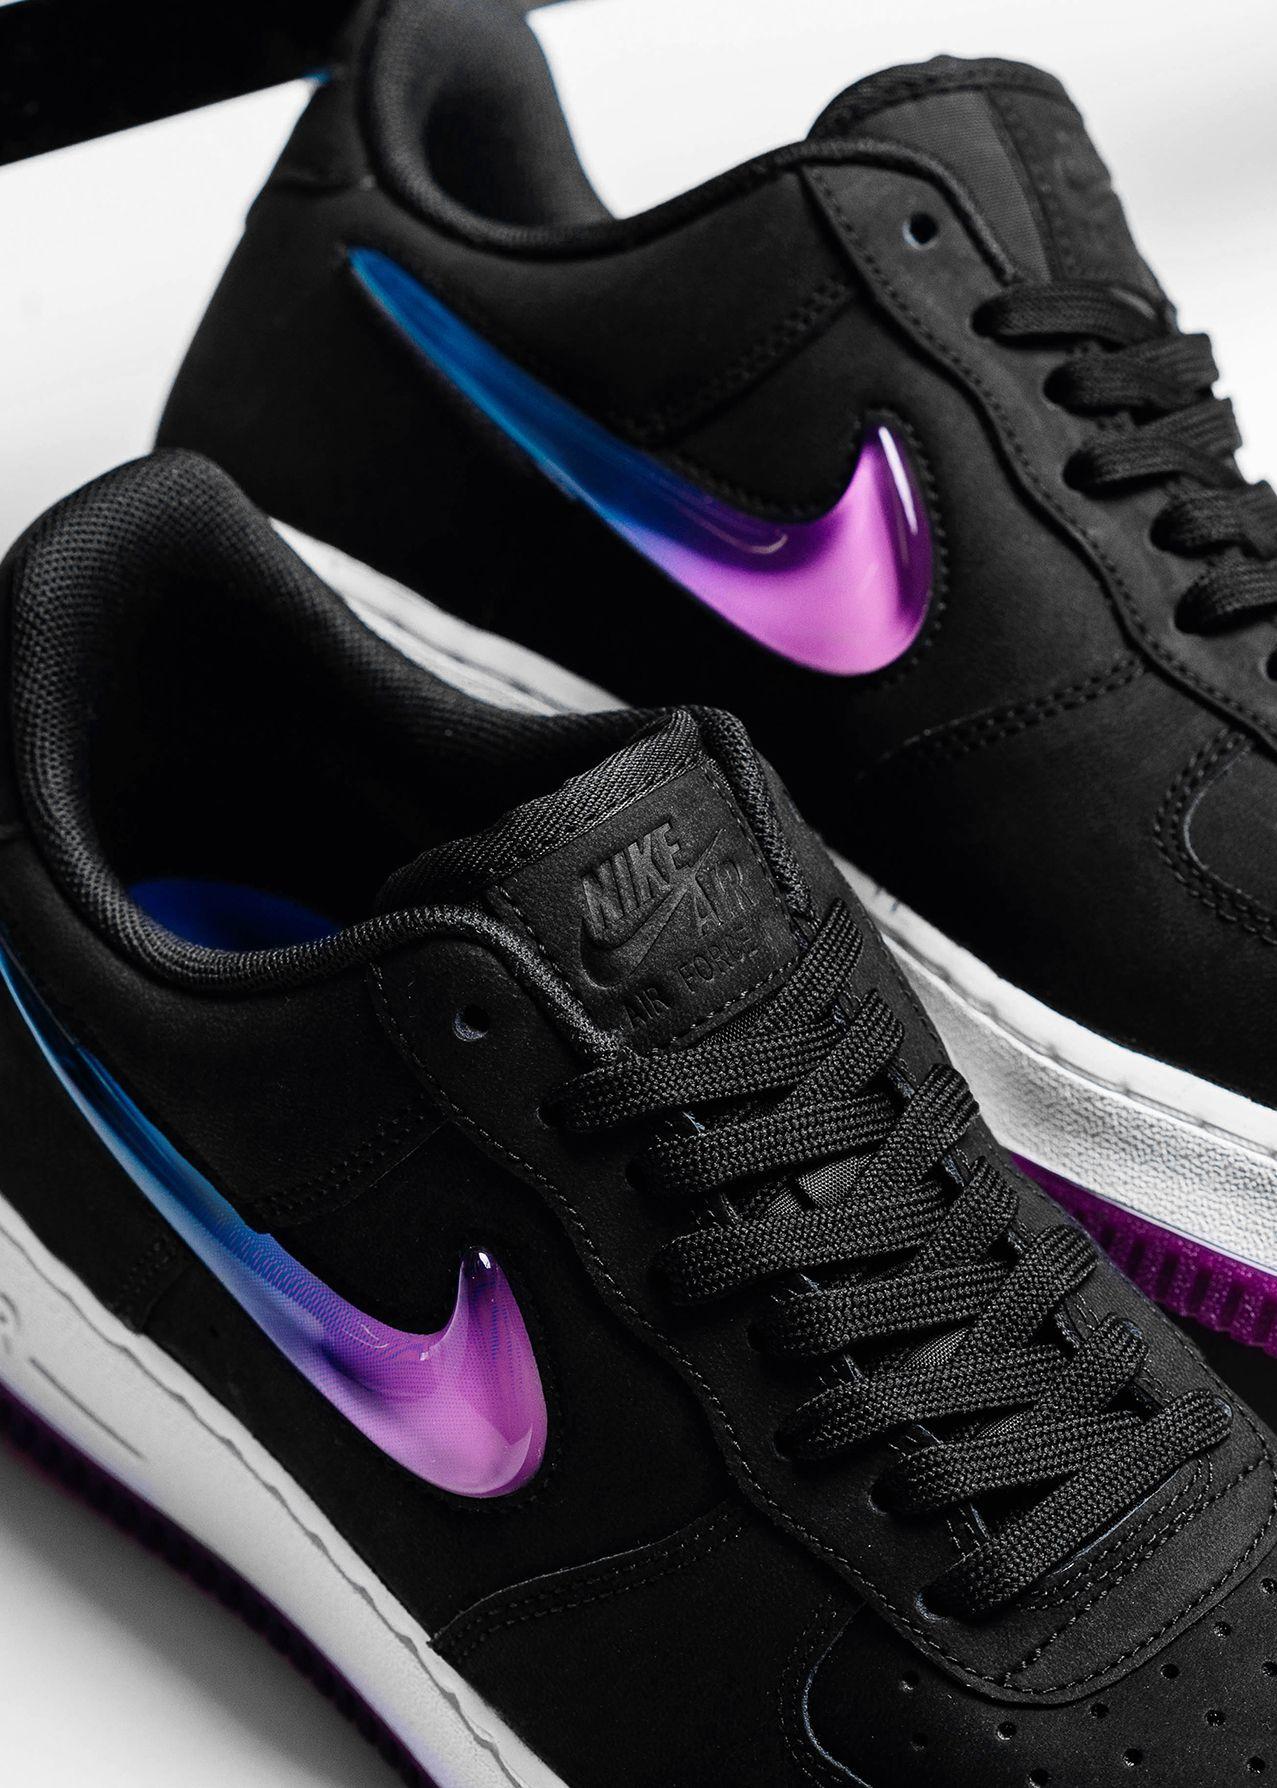 Nike Air Force 1 07 Premium 2 Sneakers Nike Nike Air Force